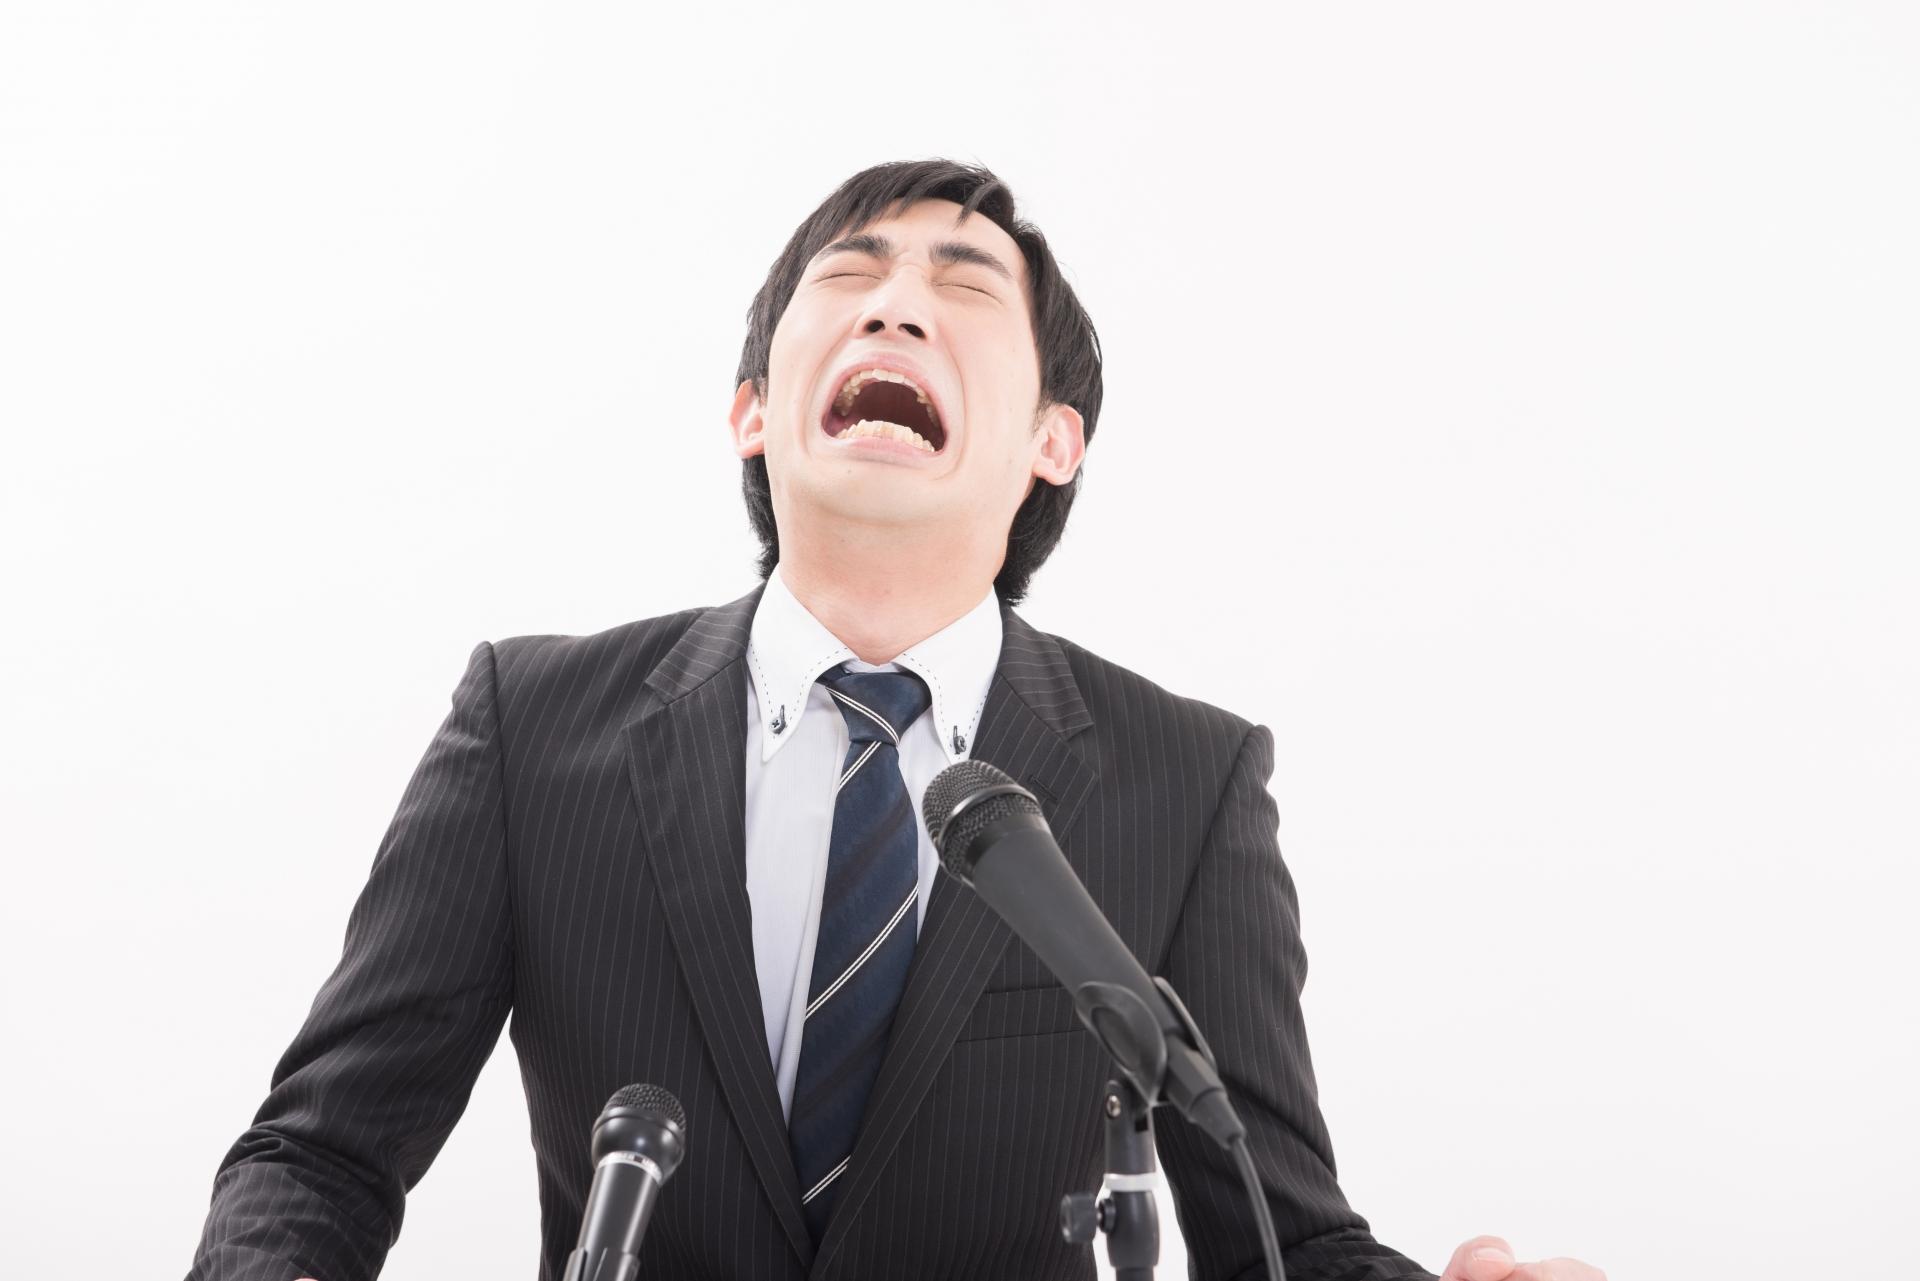 泣くと出る鼻水の止め方はある?鼻水が出る原因について